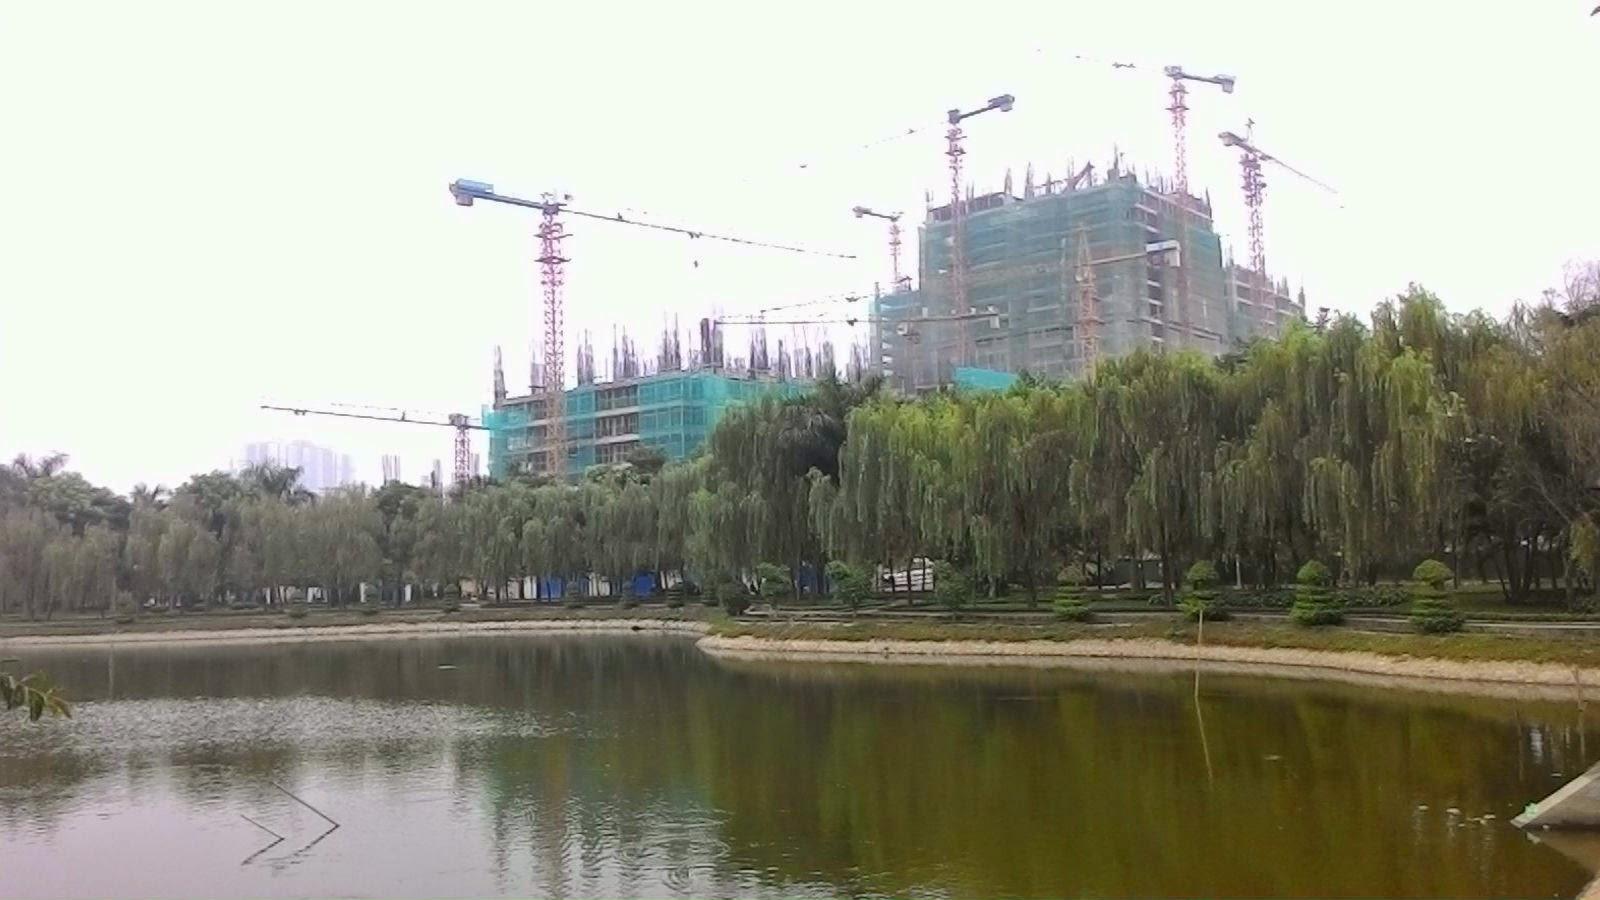 Chung cư HH3 Linh Đàm nhìn từ mặt hồ